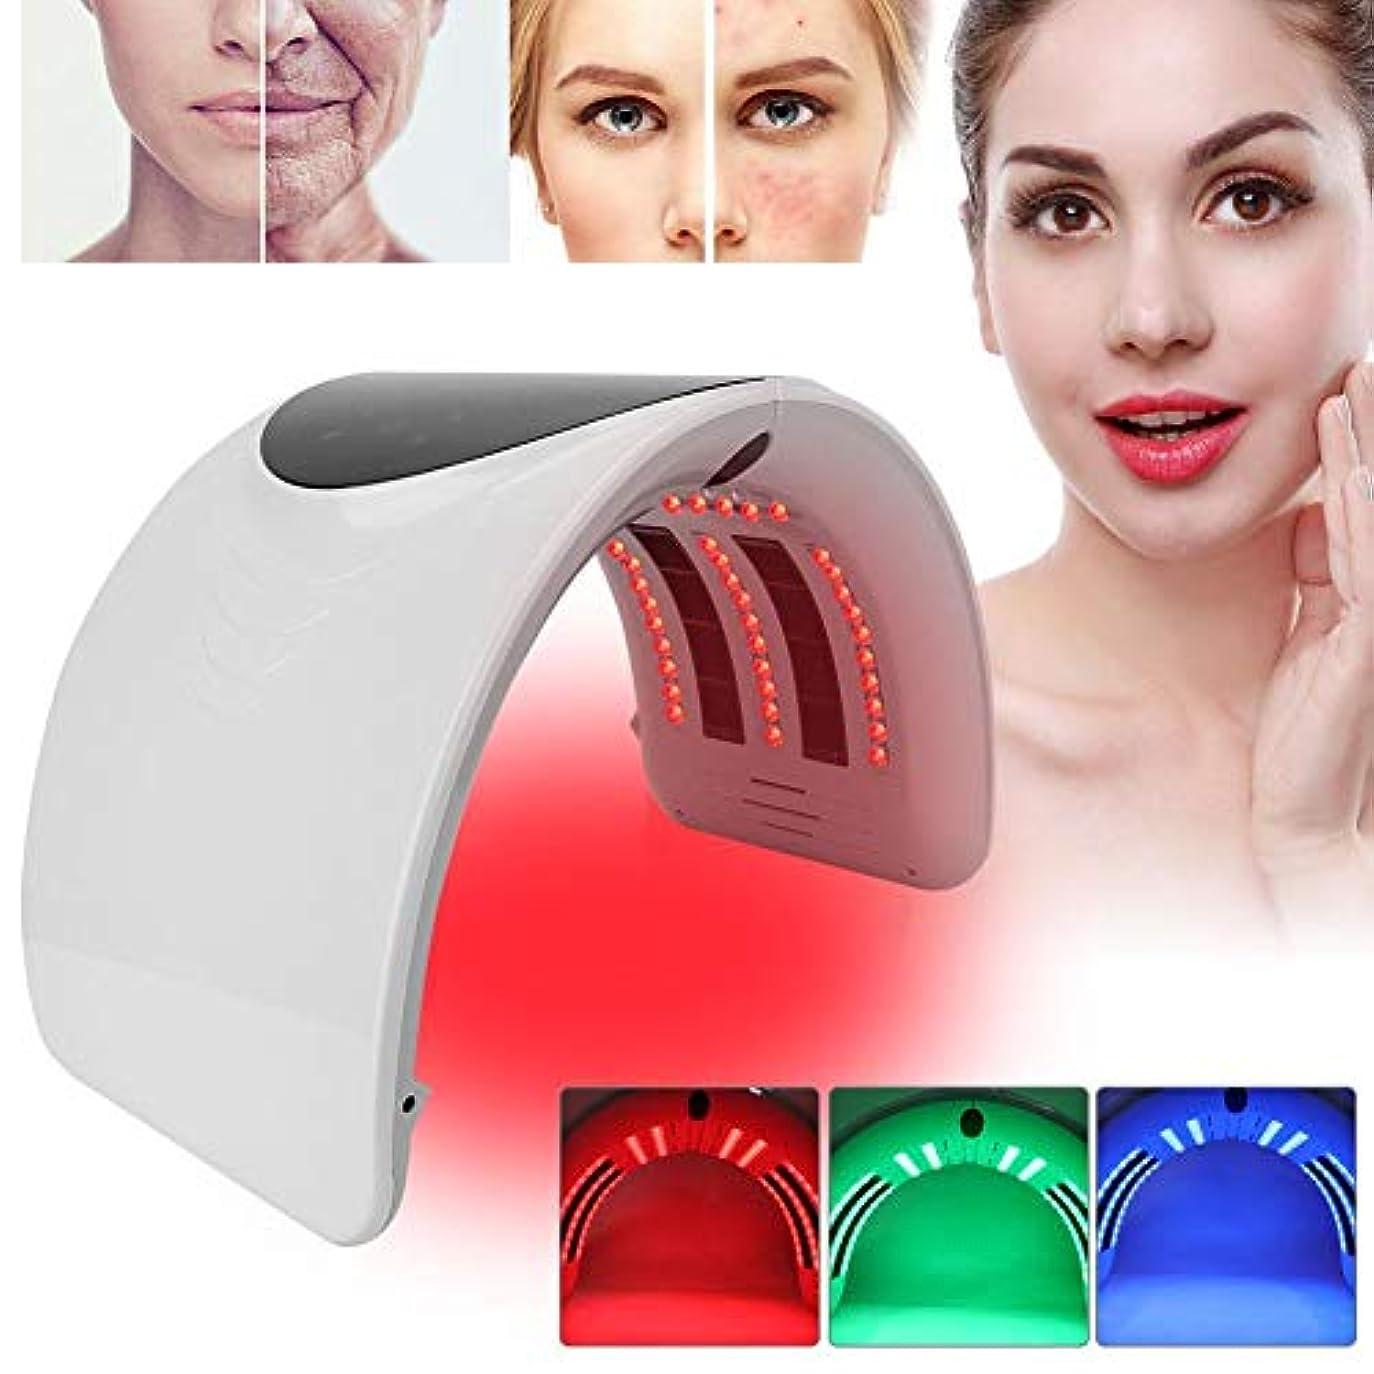 ポルノウガンダ生きているPDTの軽い療法の美顔術機械、6色の新しい折り畳み式アクネの取り外しのスキンケアの処置機械(01)